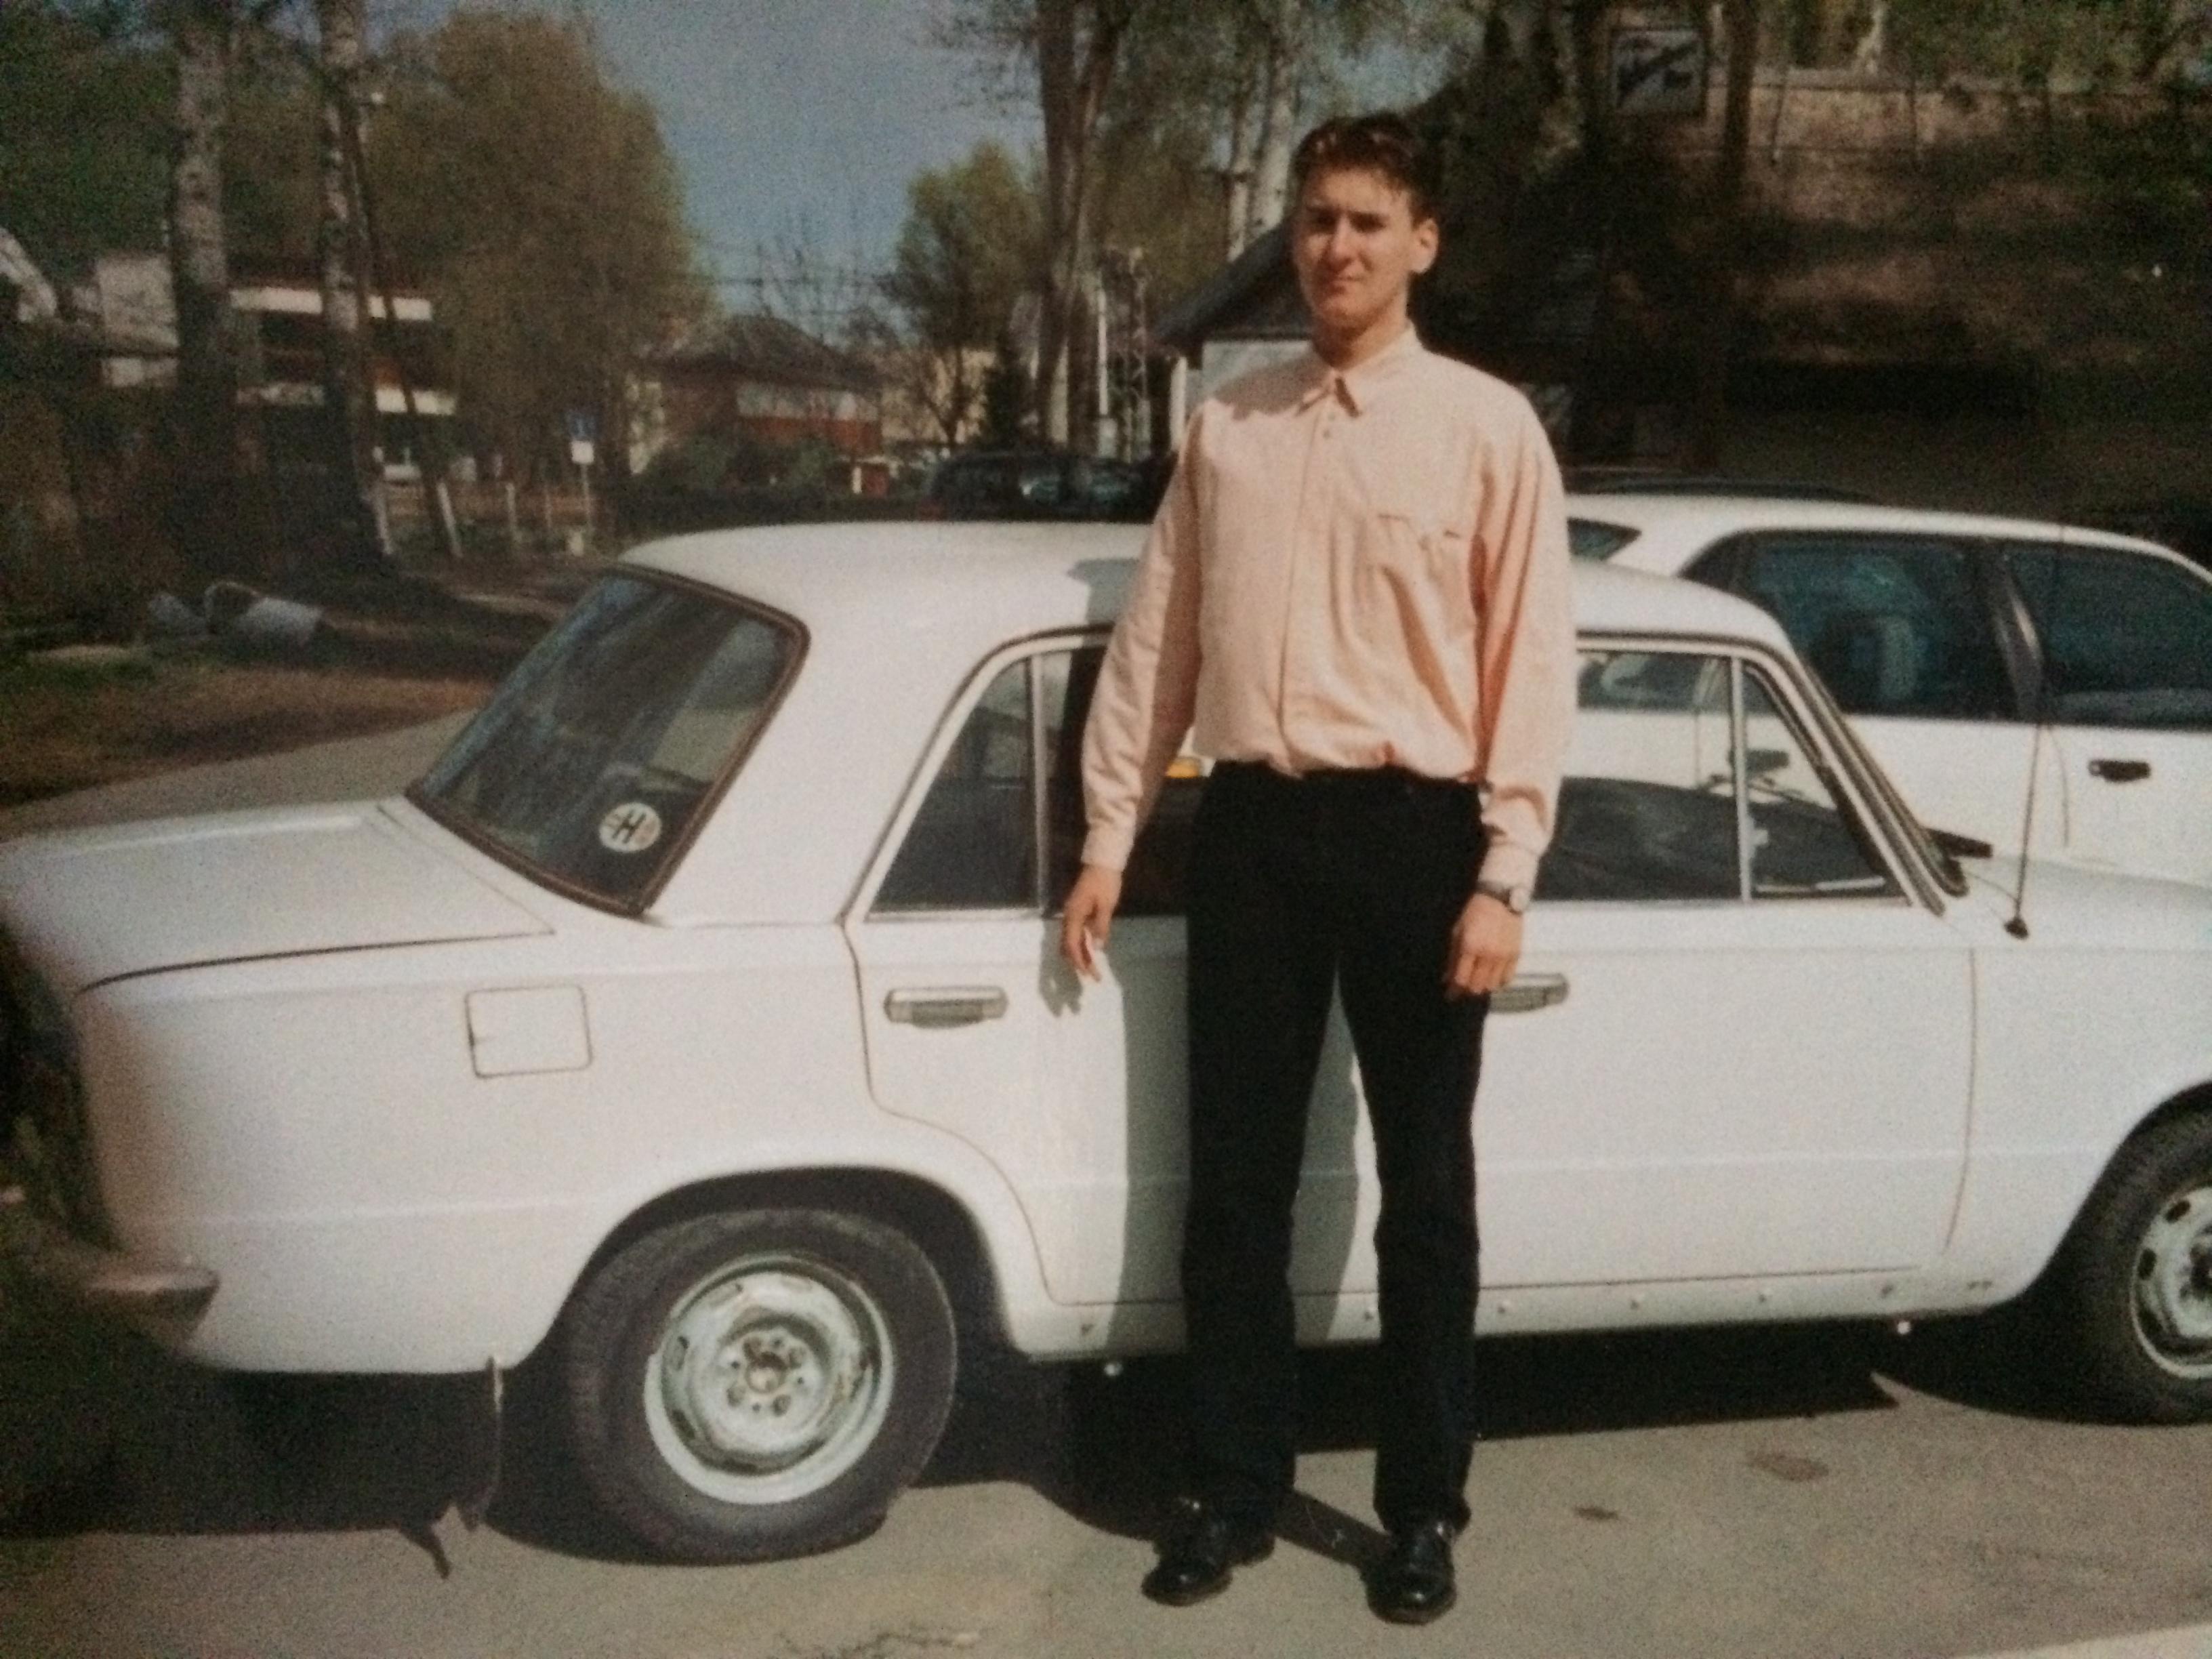 15 évesen 78 kiló volt, majd életmódot váltott Szikszai Eszter – Egészséges és csodaszép lett!